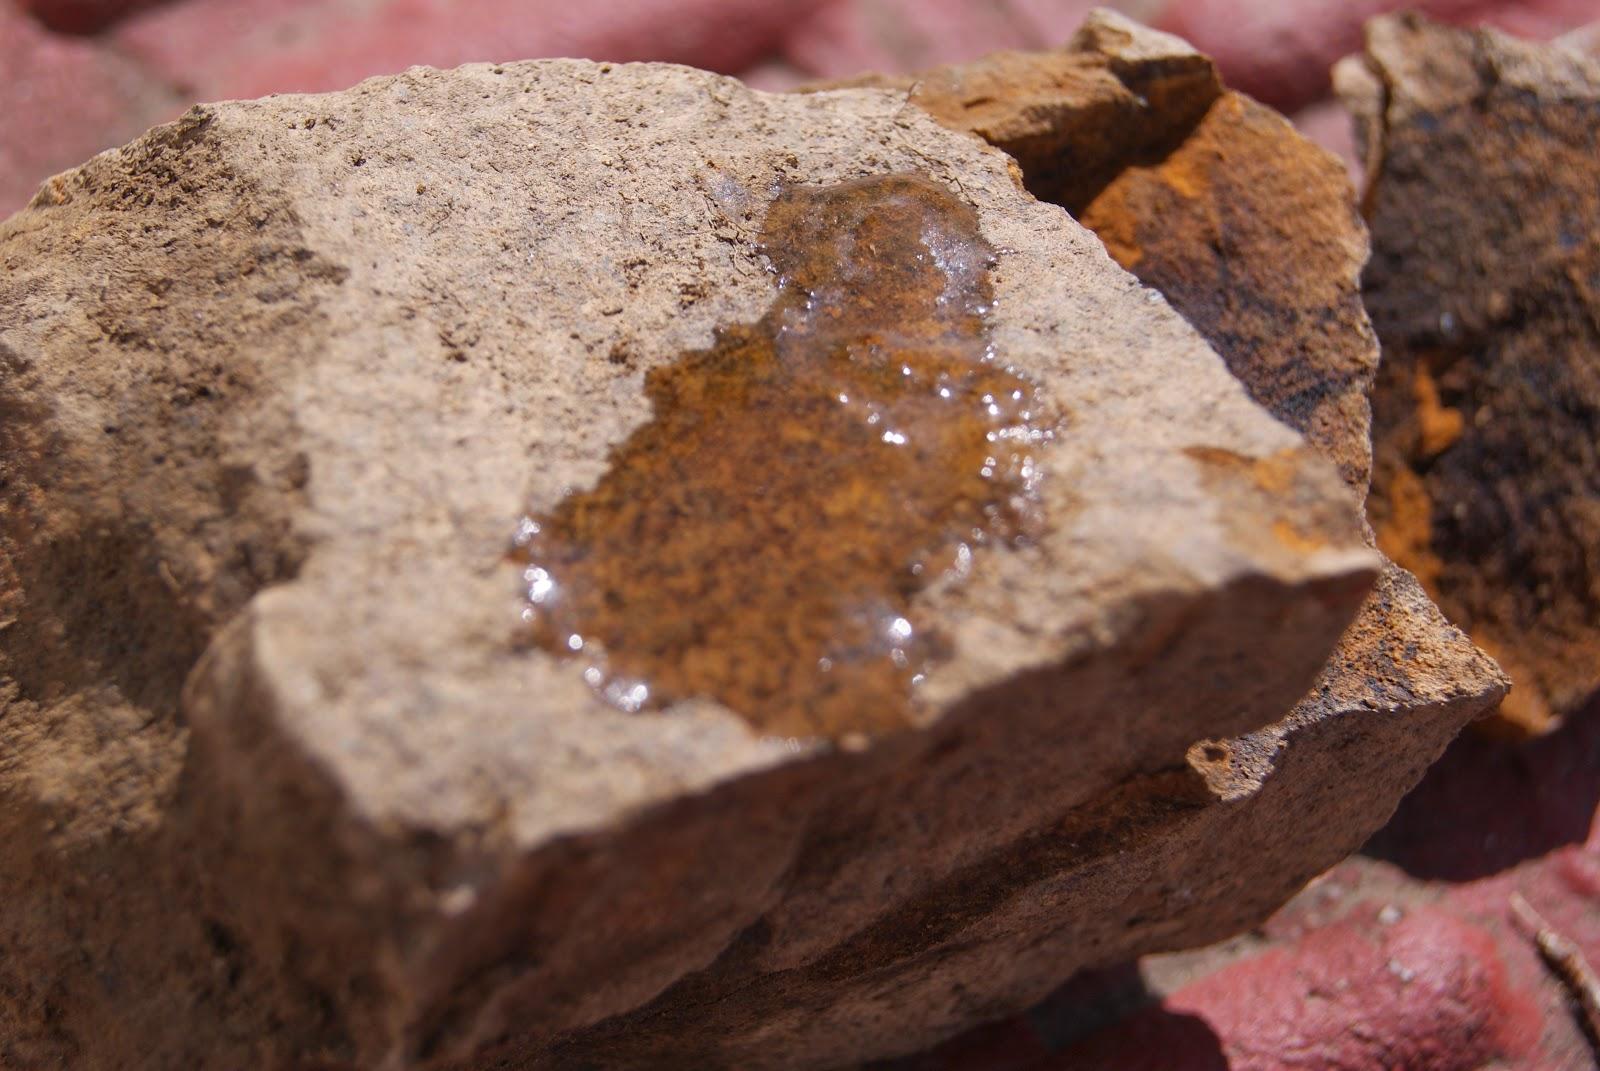 La roca no produce reacción con el ácido clorhídrico, por lo tanto no es caliza